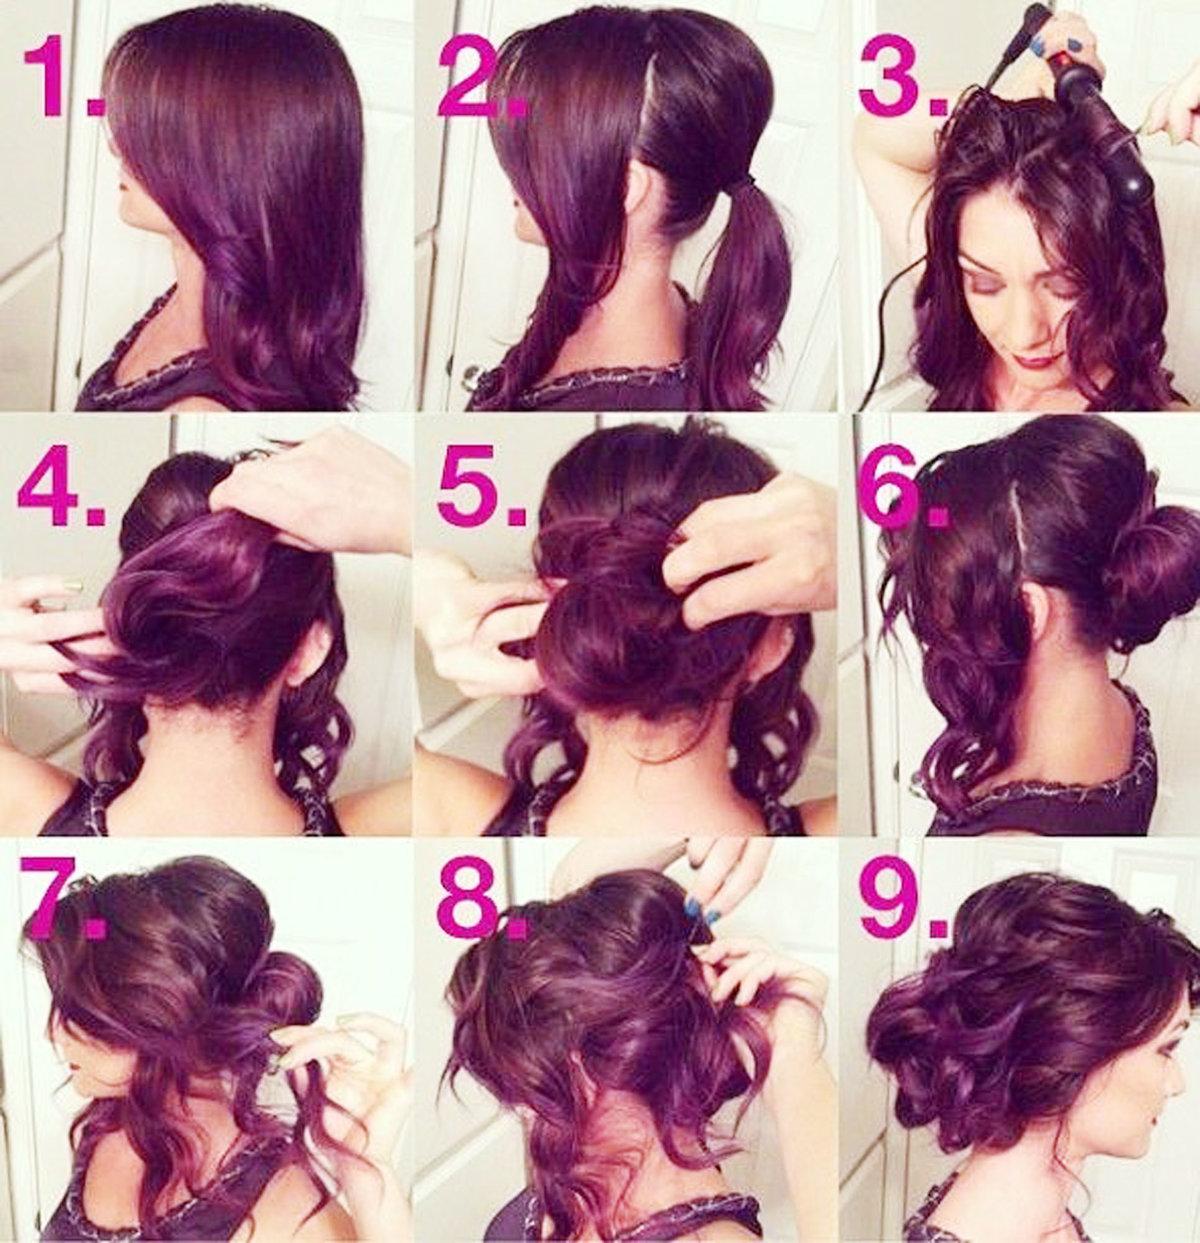 Модные прически на длинные волосы можно делать своими руками.